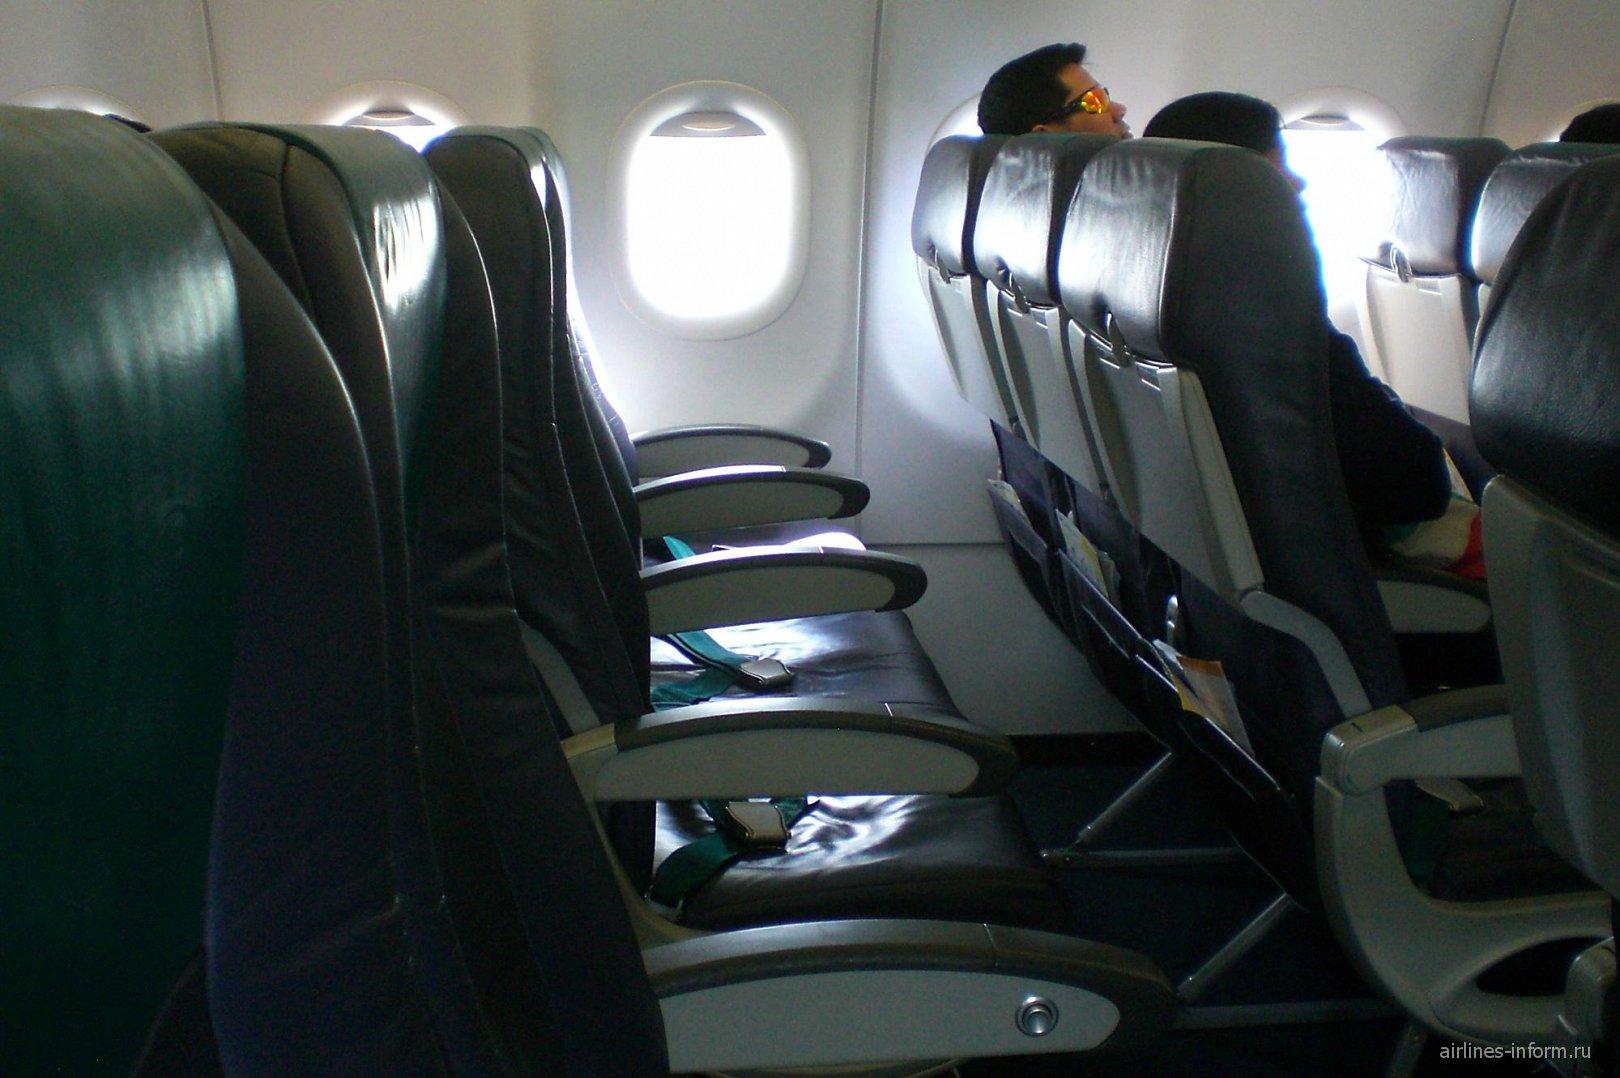 Салон самолета Airbus A320 авиакомпании Cebu Pacific